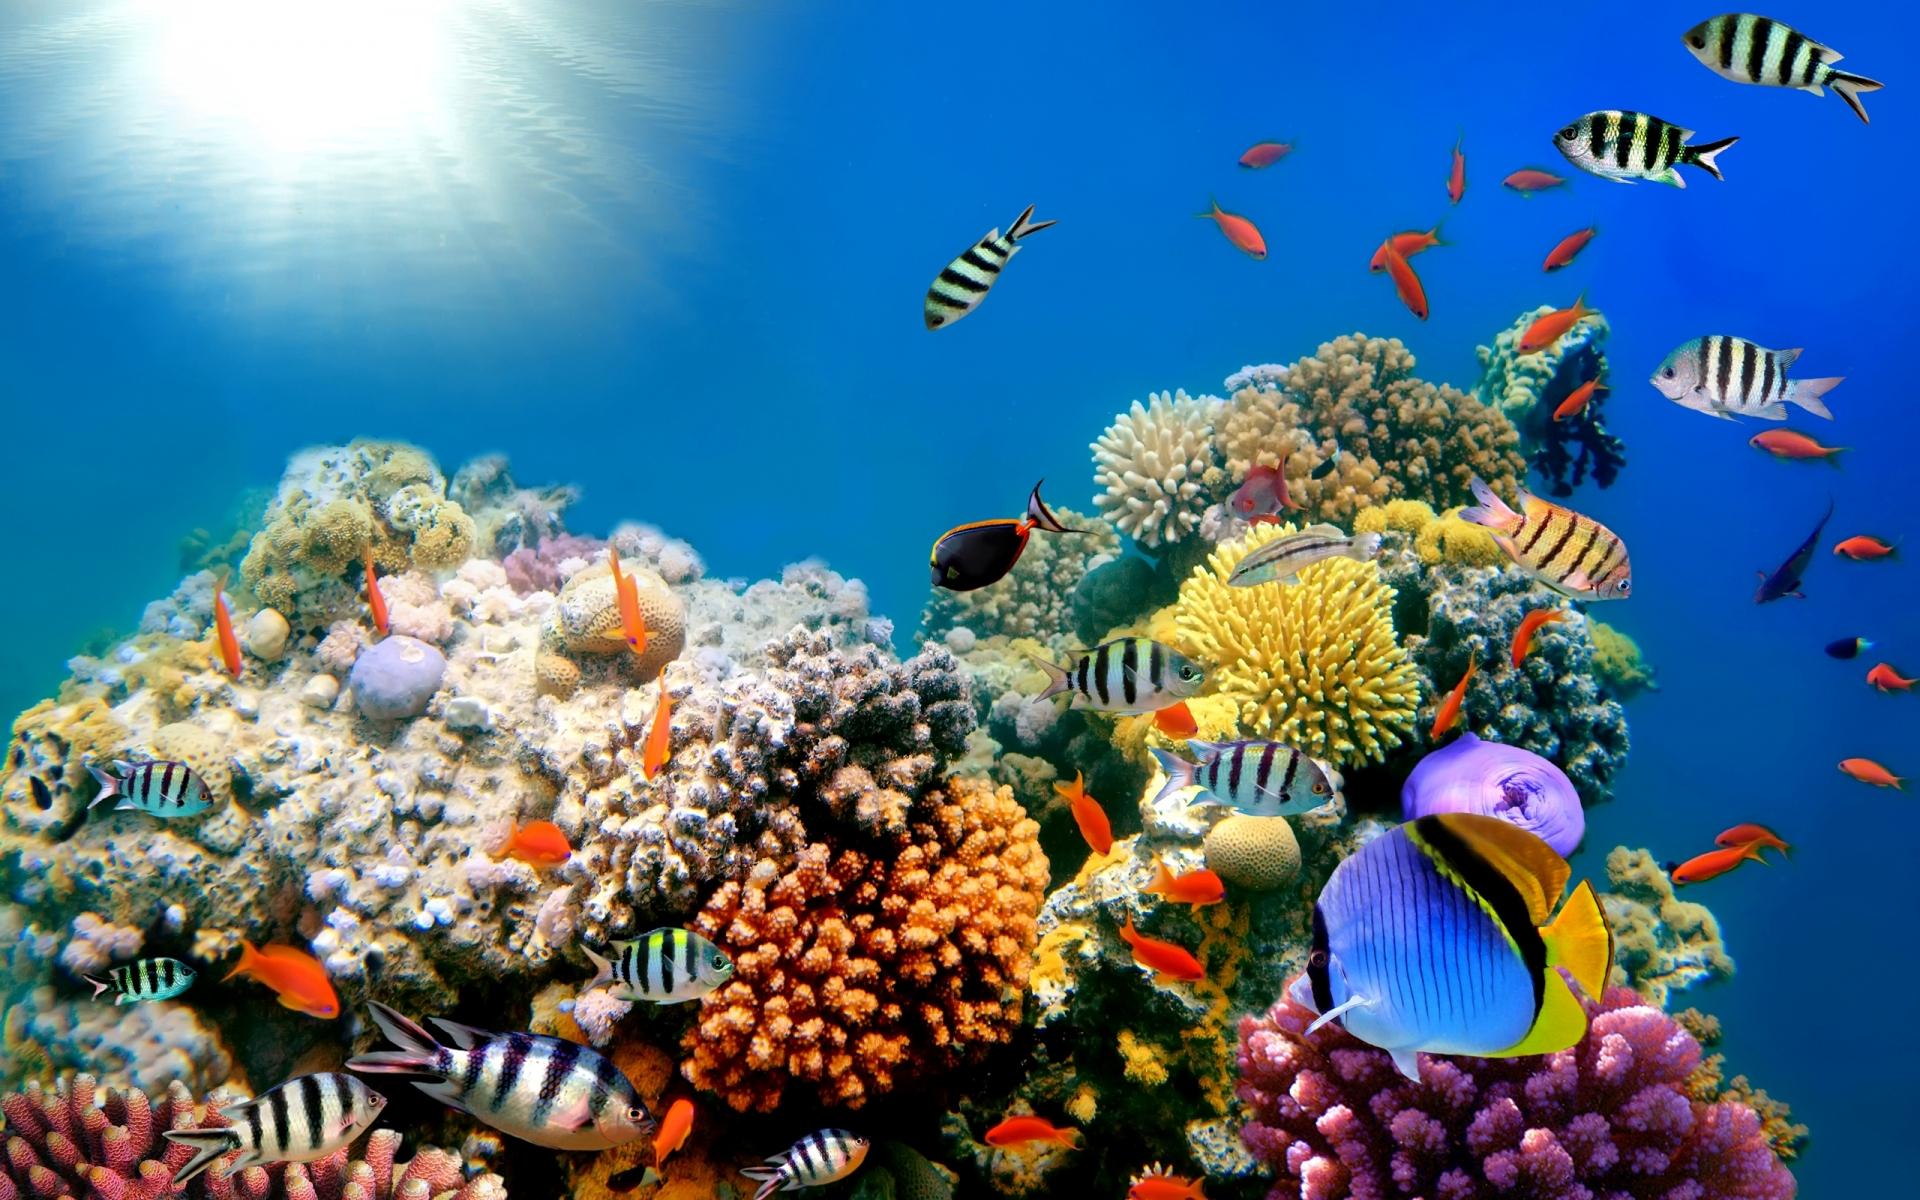 Reef ocean sea underwater wallpaper 1920x1200 31134 WallpaperUP 1920x1200